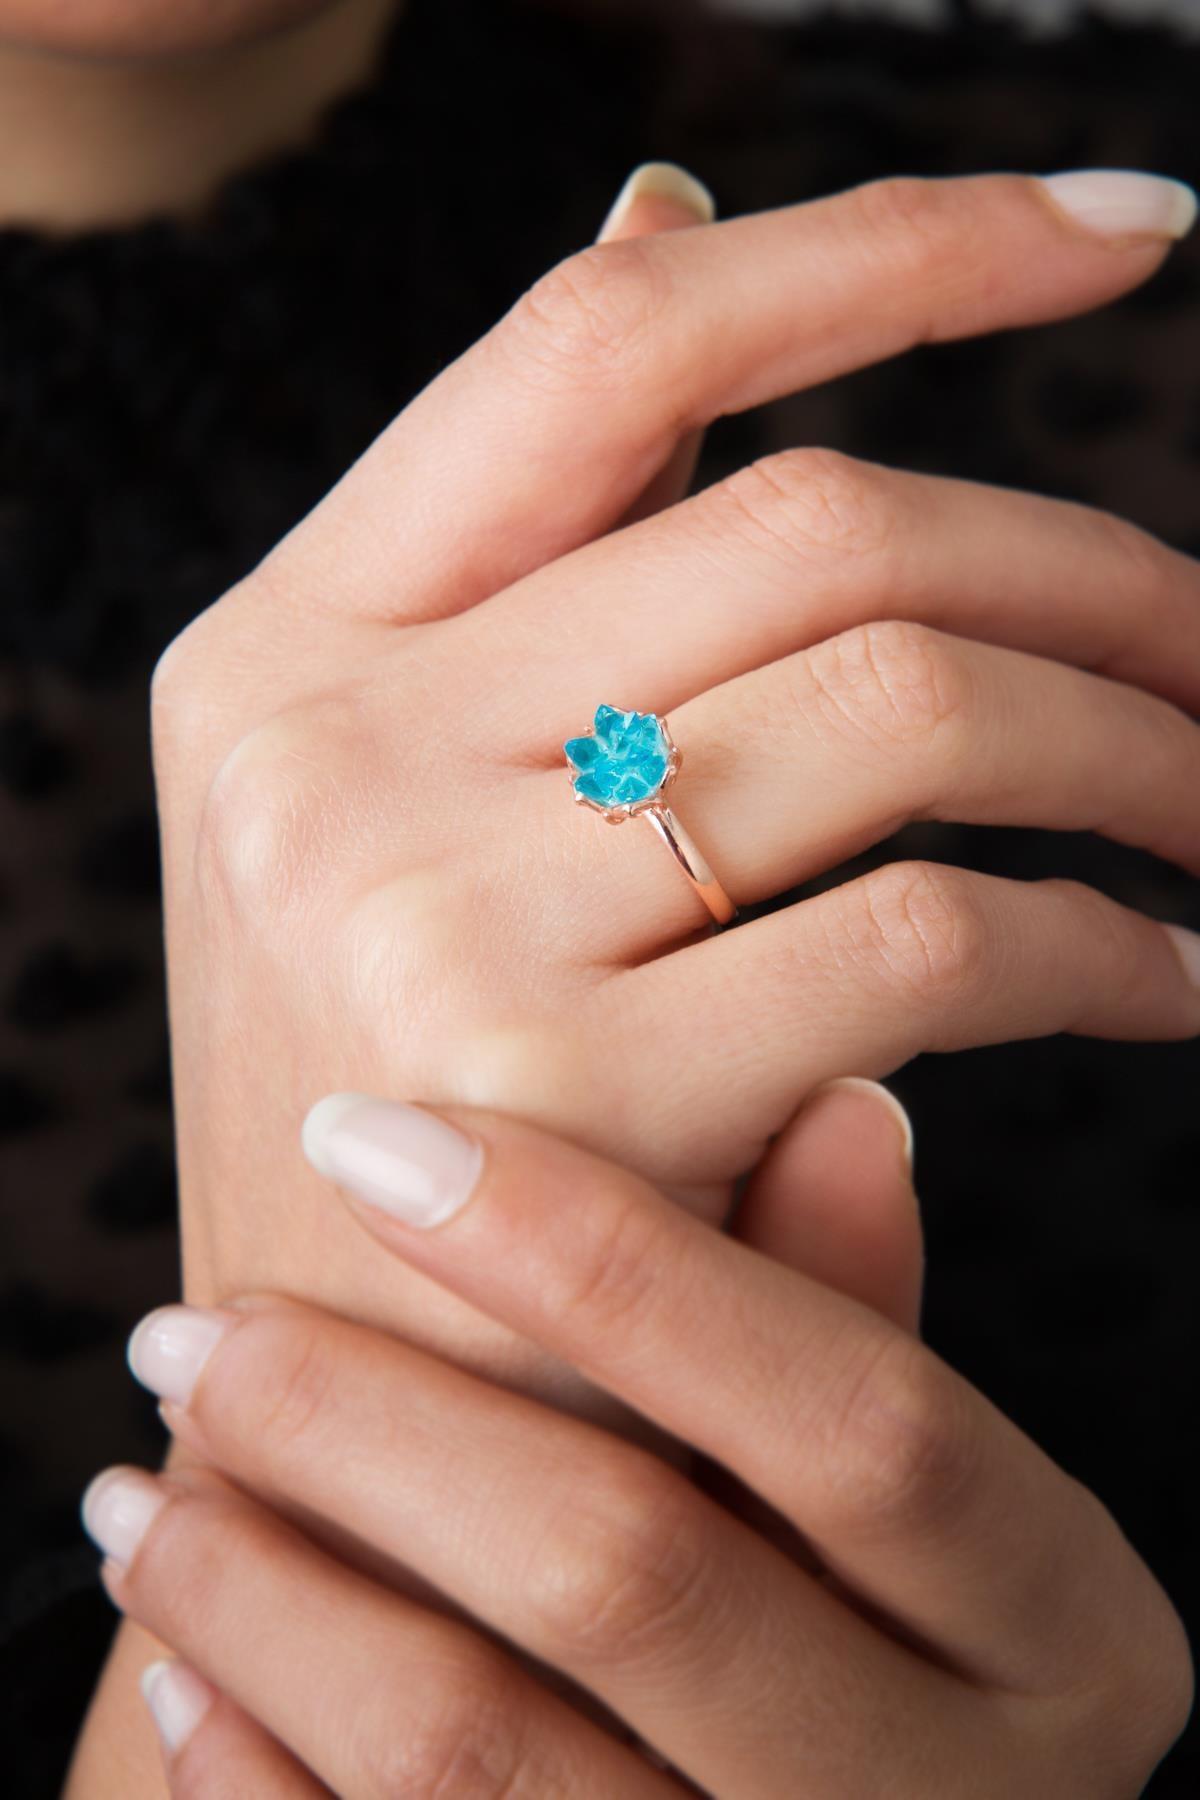 Elika Silver Kadın Ayarlanabilir Mavi Lotus Çiçeği Model 925 Ayar Gümüş Yüzük